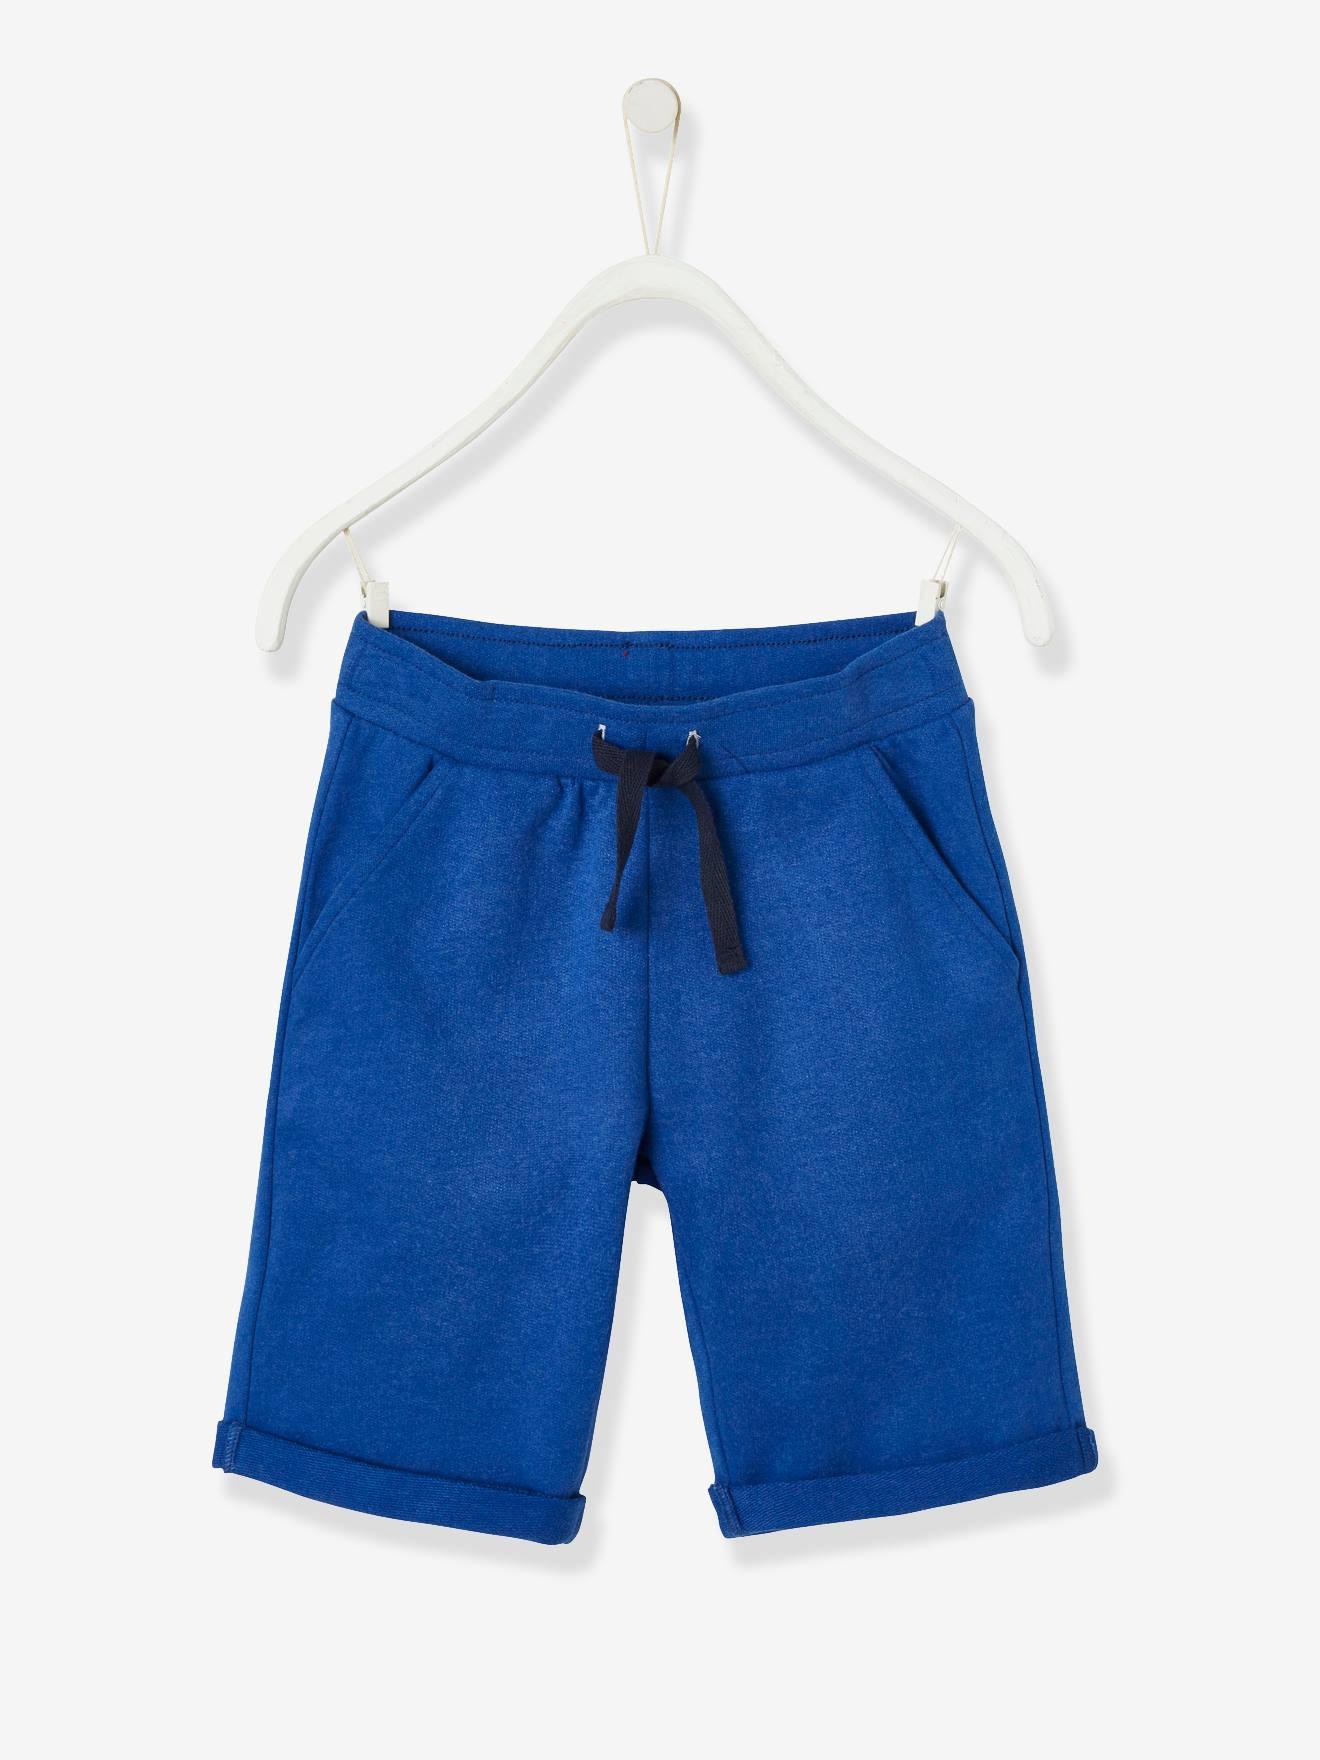 Bermuda garçon en molleton bleu électrique